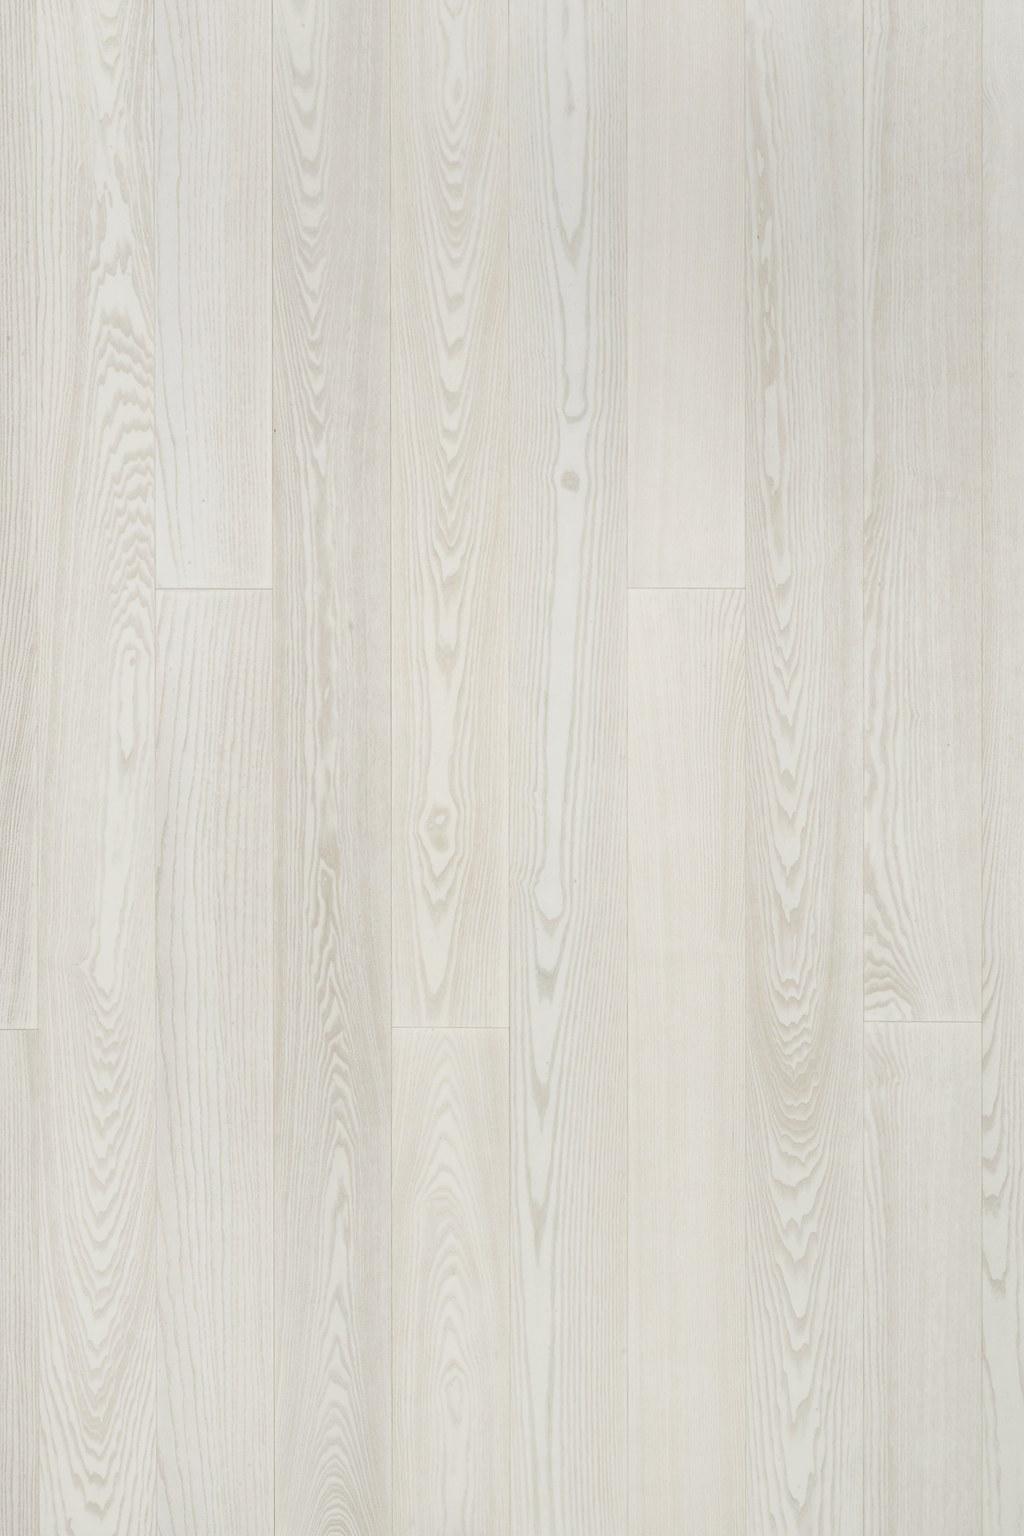 Timberwise Parketti Lankkuparketti Puulattia Wooden Floor Parquet Plank Saarni Ash Select Antarctis 2D1